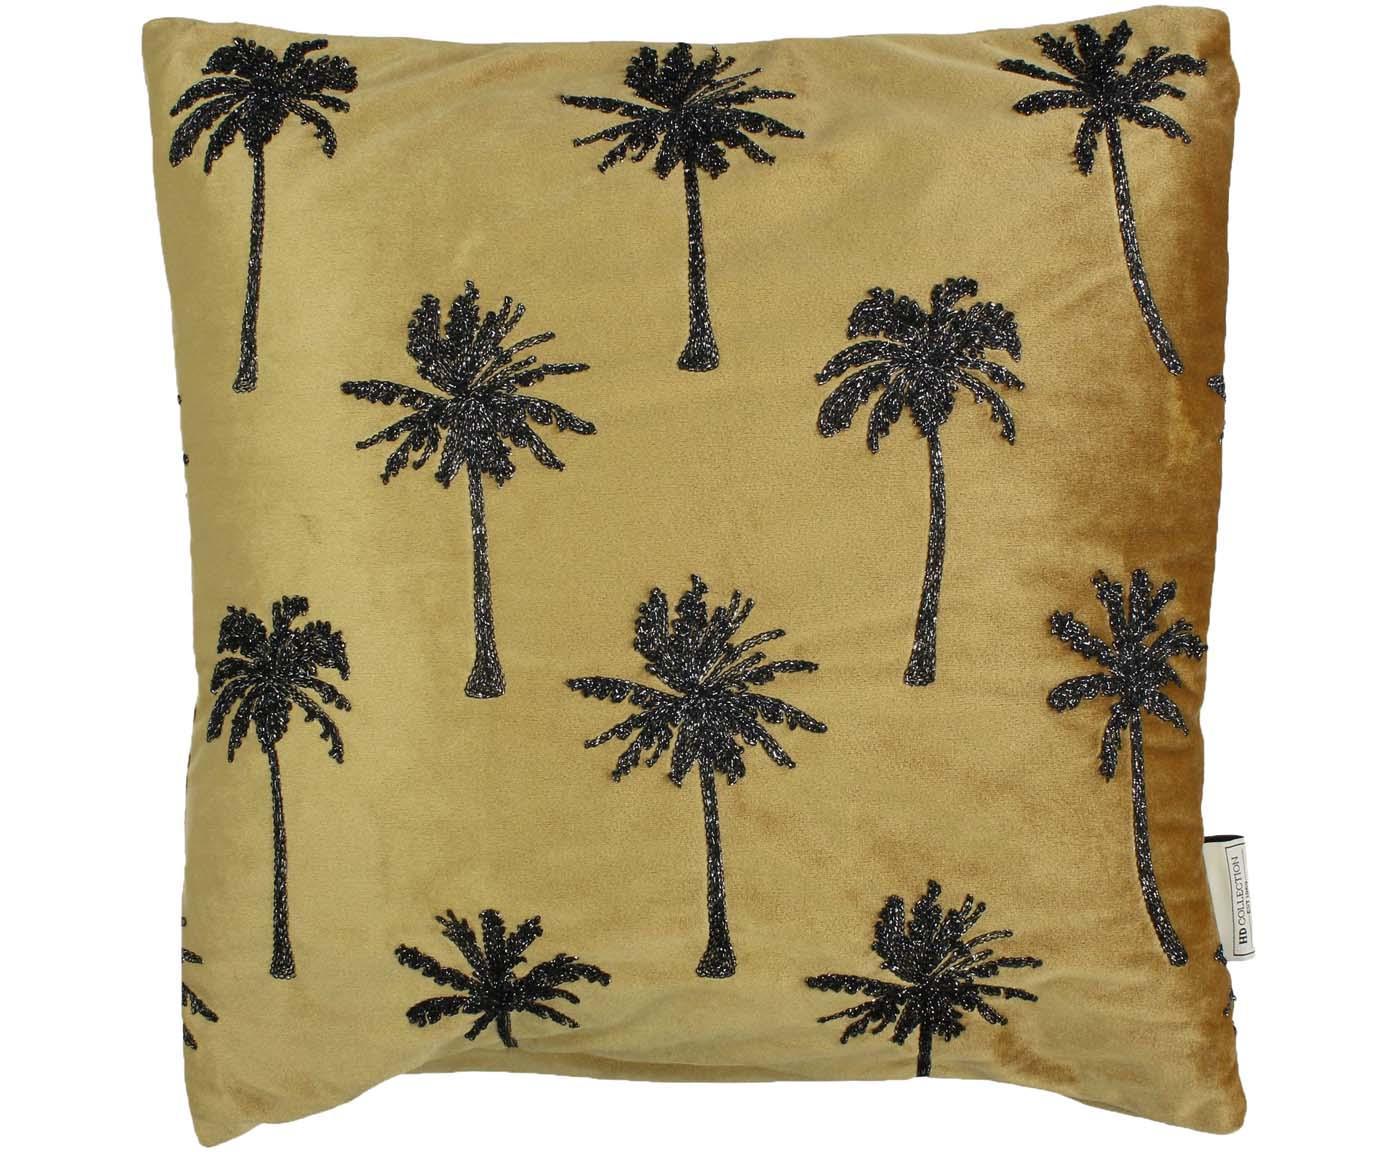 Samt-Kissen Palm Tree mit glänzender Bestickung, mit Inlett, Samt, Goldfarben, Schwarz, 45 x 45 cm